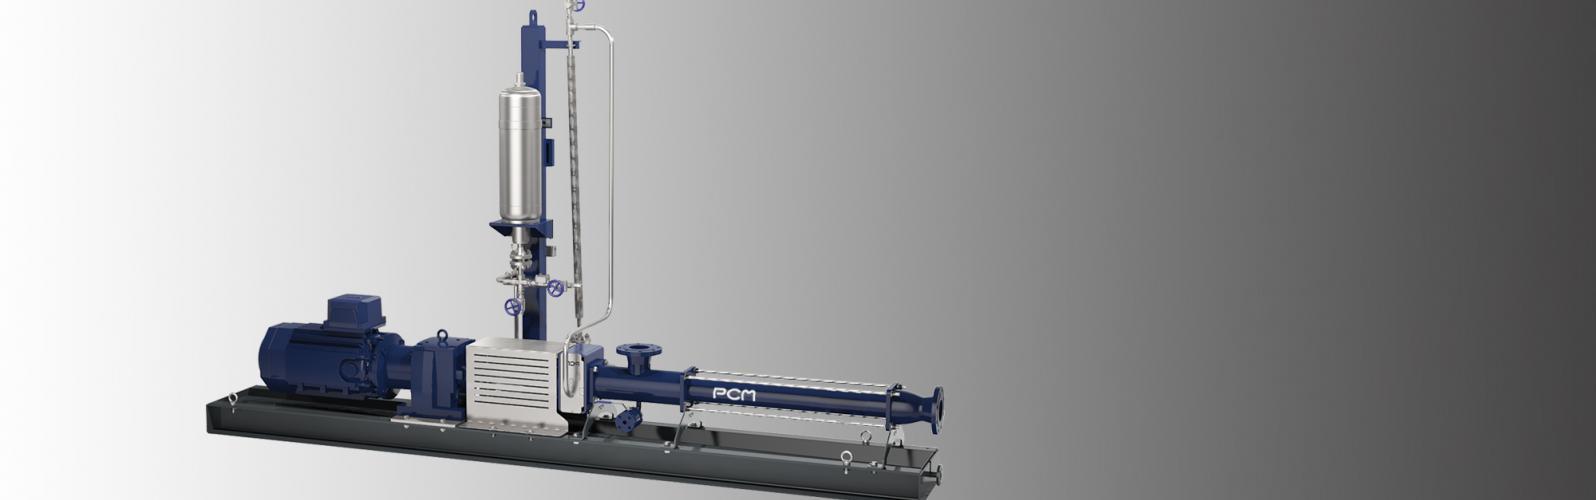 PCM è uno dei maggiori fornitori di soluzioni di pompaggio per l'industria del petrolio e gas